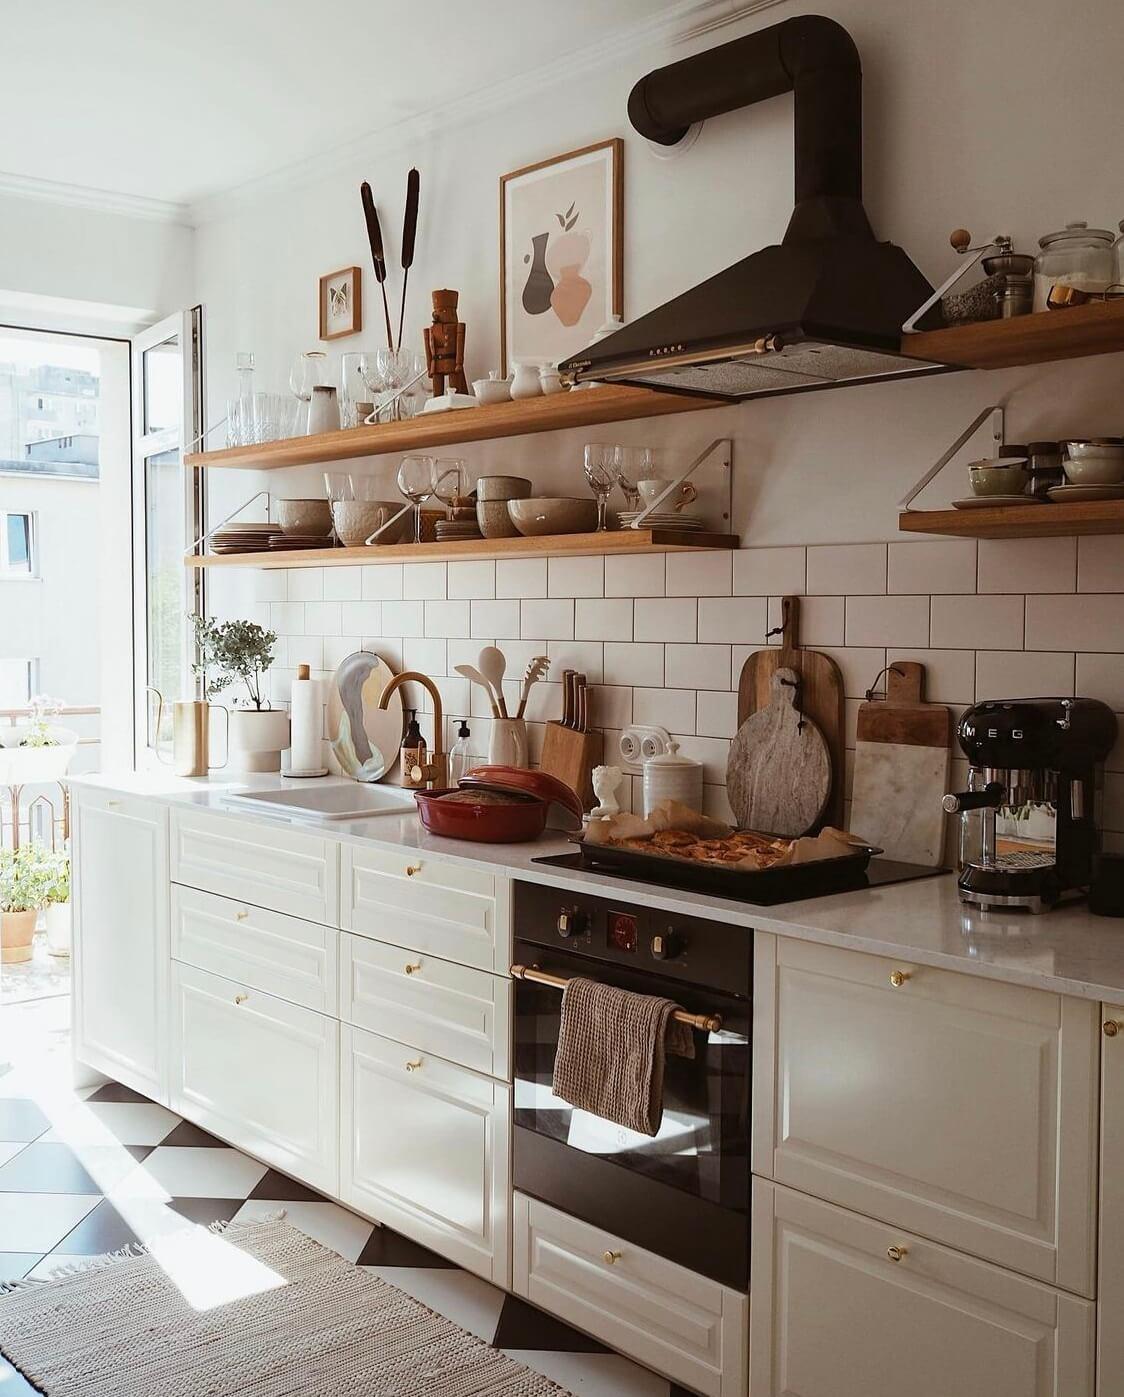 light-kitchen-open-shelves-nordroom